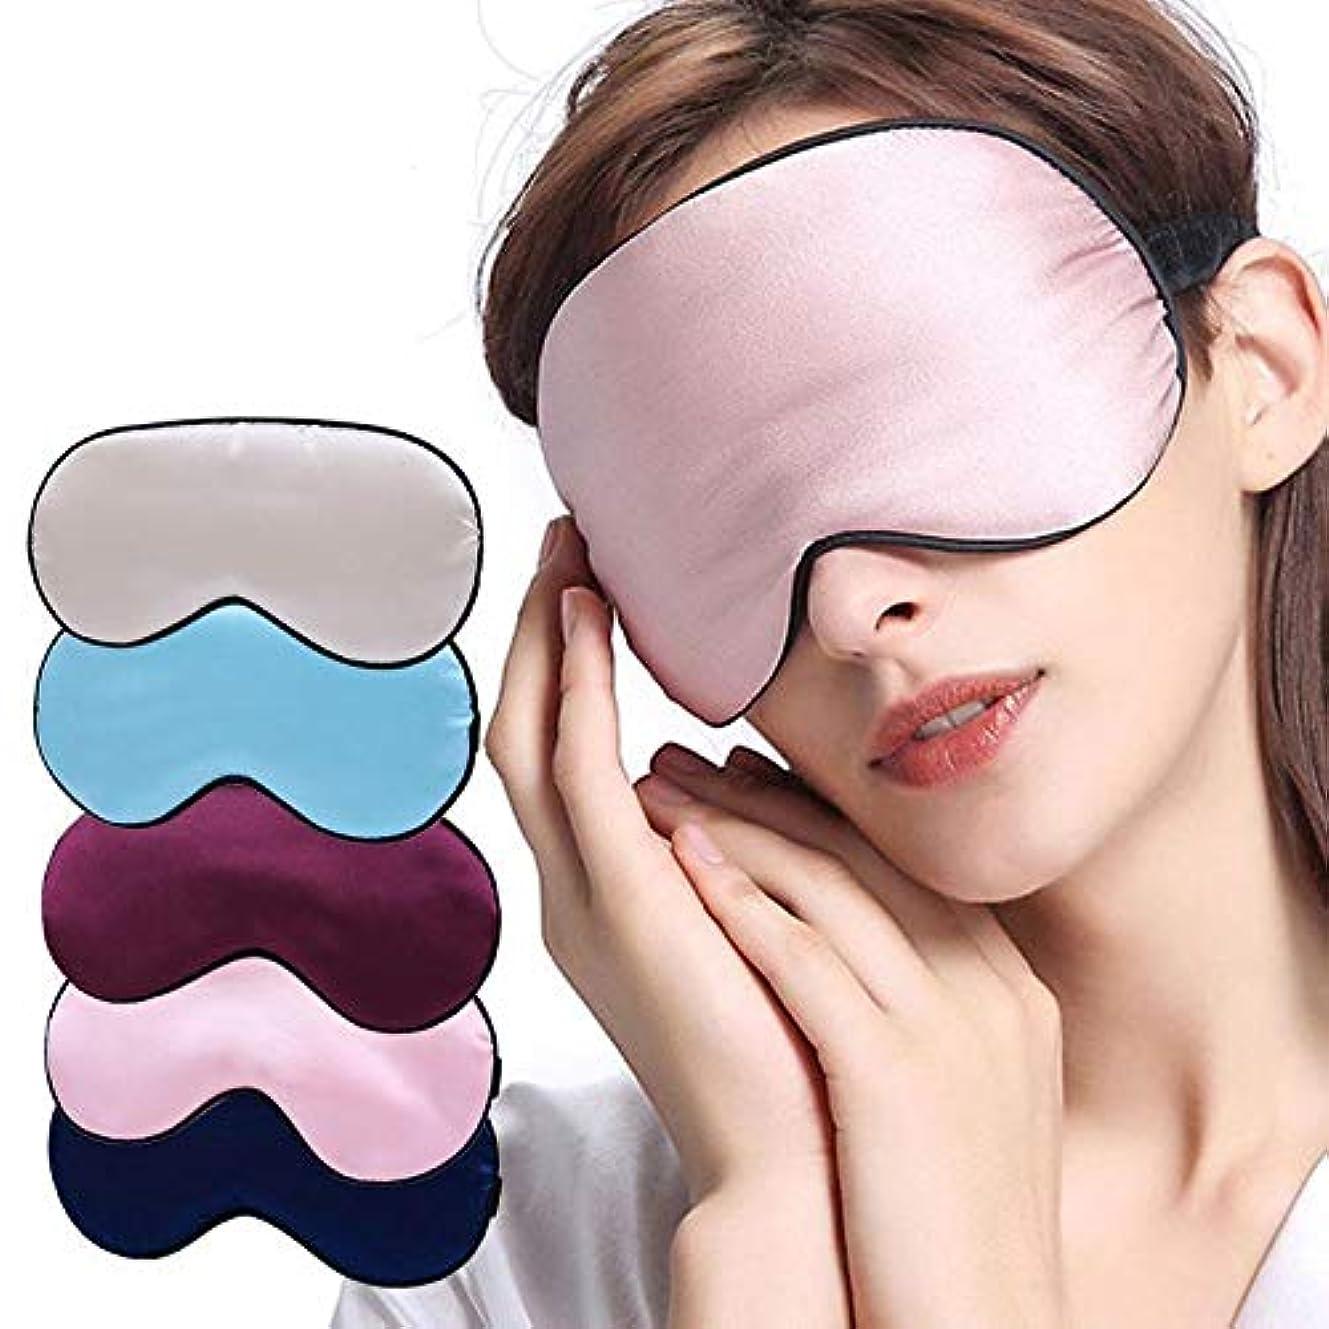 著者封建去る注意シルクスリープマスクしなやかアイシェードポータブルトラベルアイパッチ通気性のある休憩目隠しアイカバーナイトスリーピングマスクL3